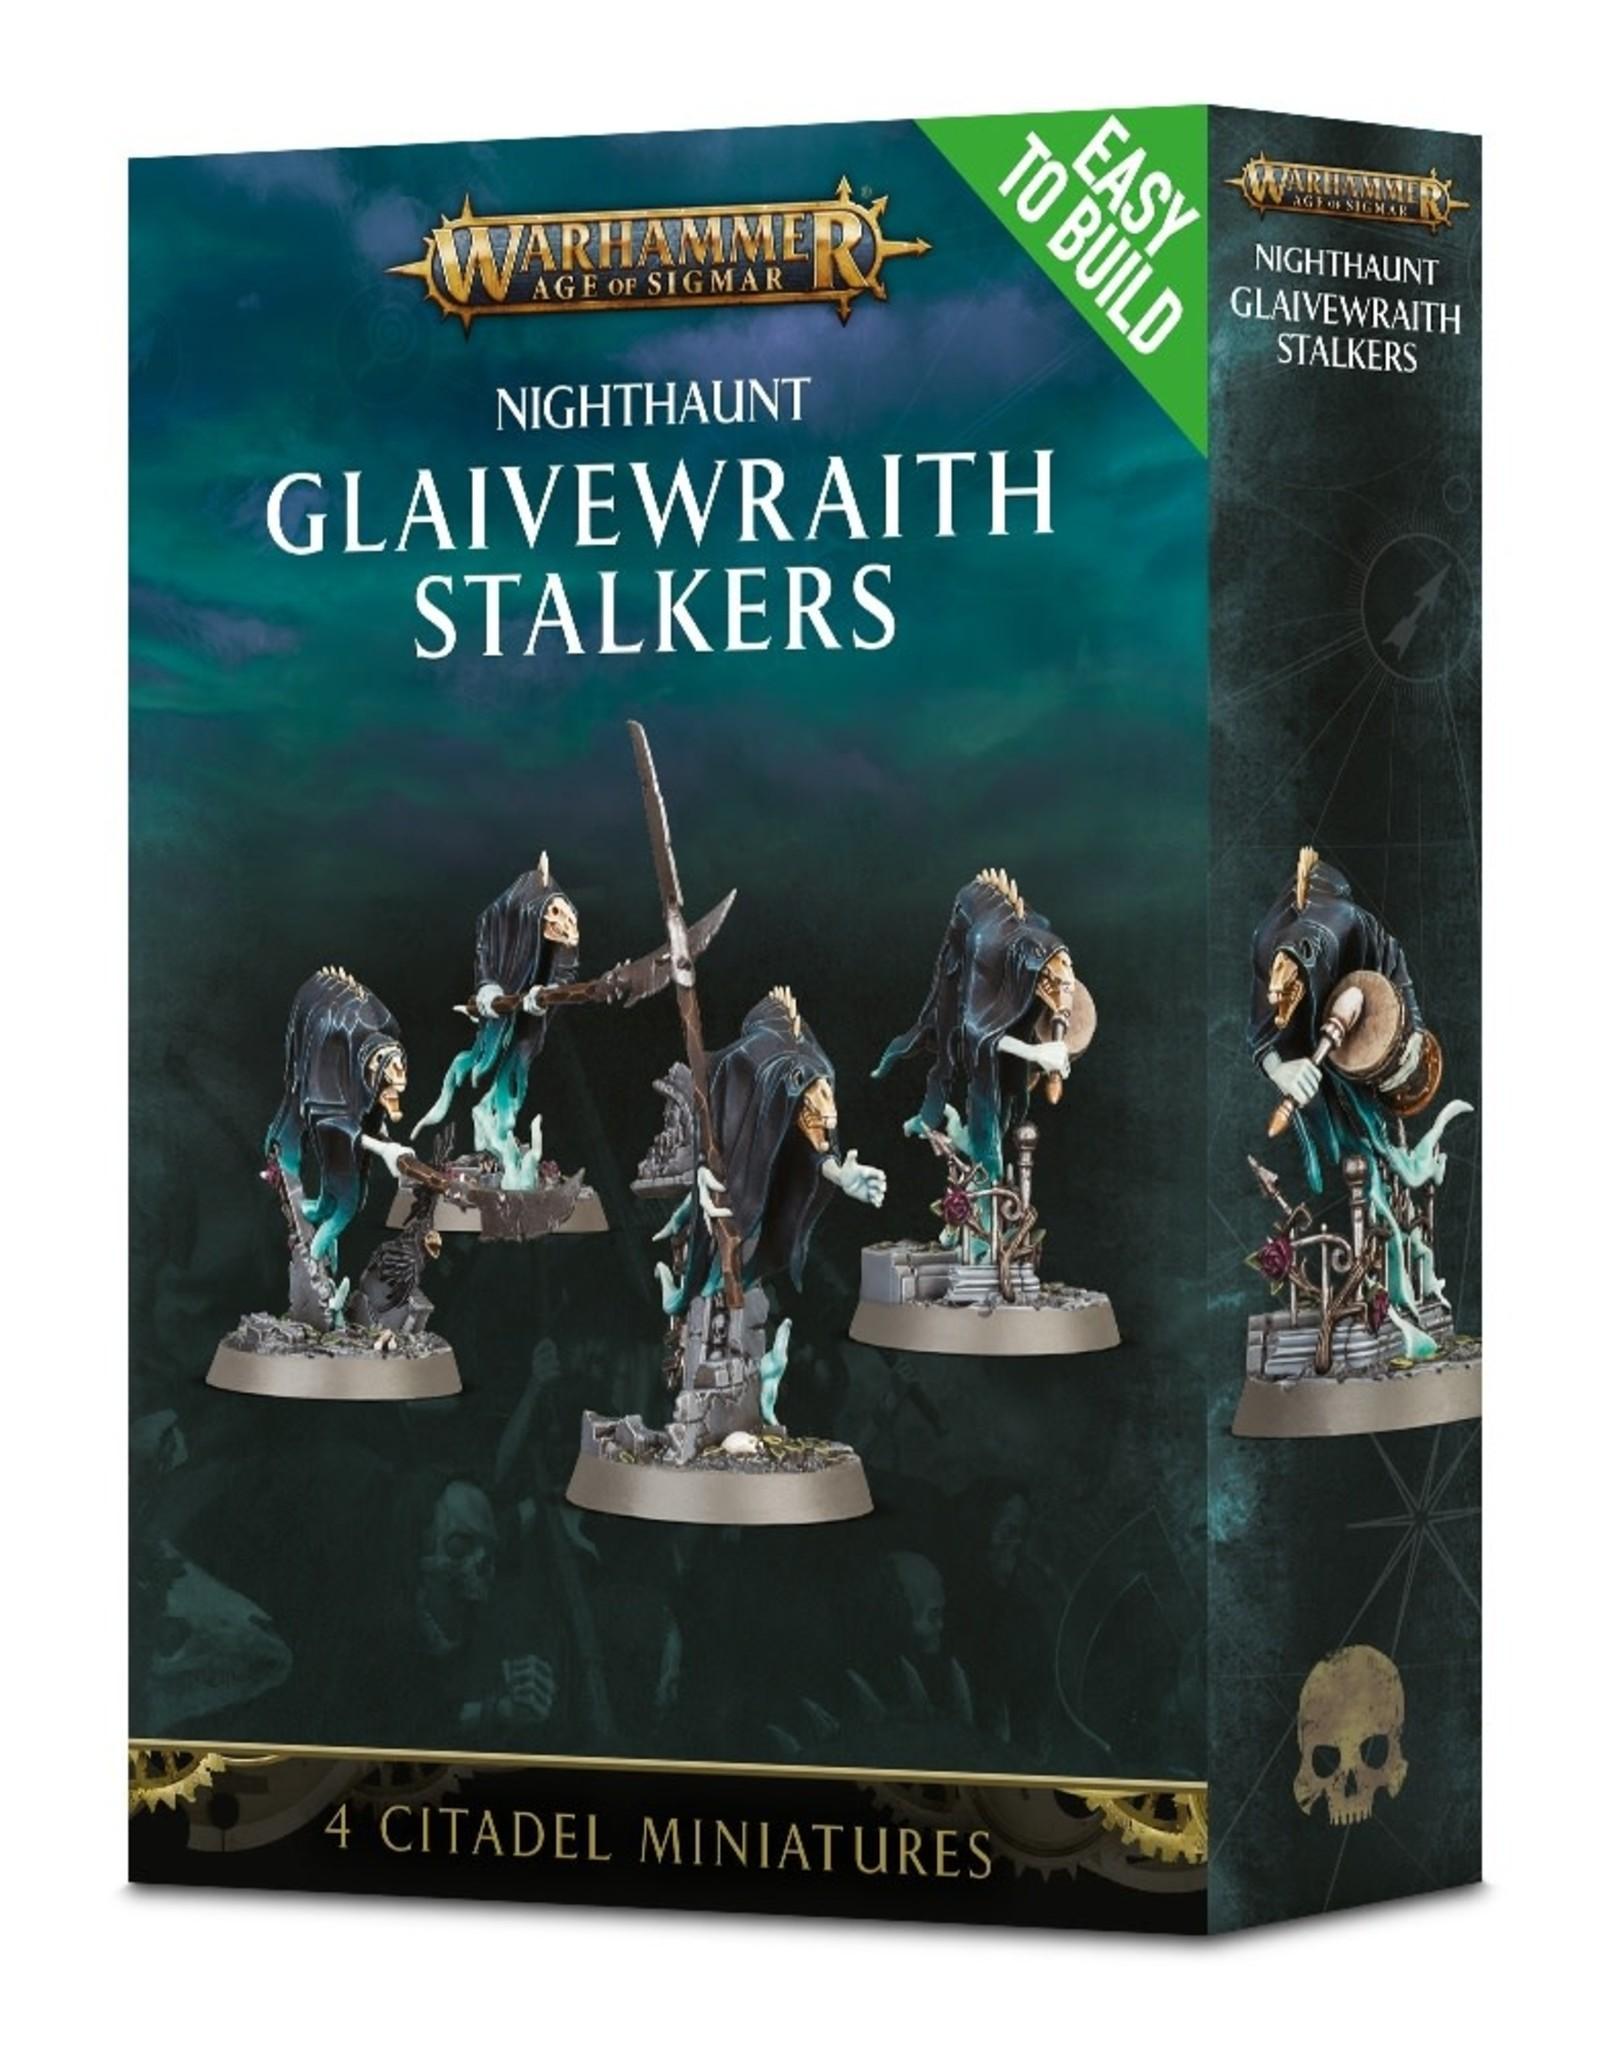 Age of Sigmar ETB: Nighthaunt Glaivewraith Stalkers